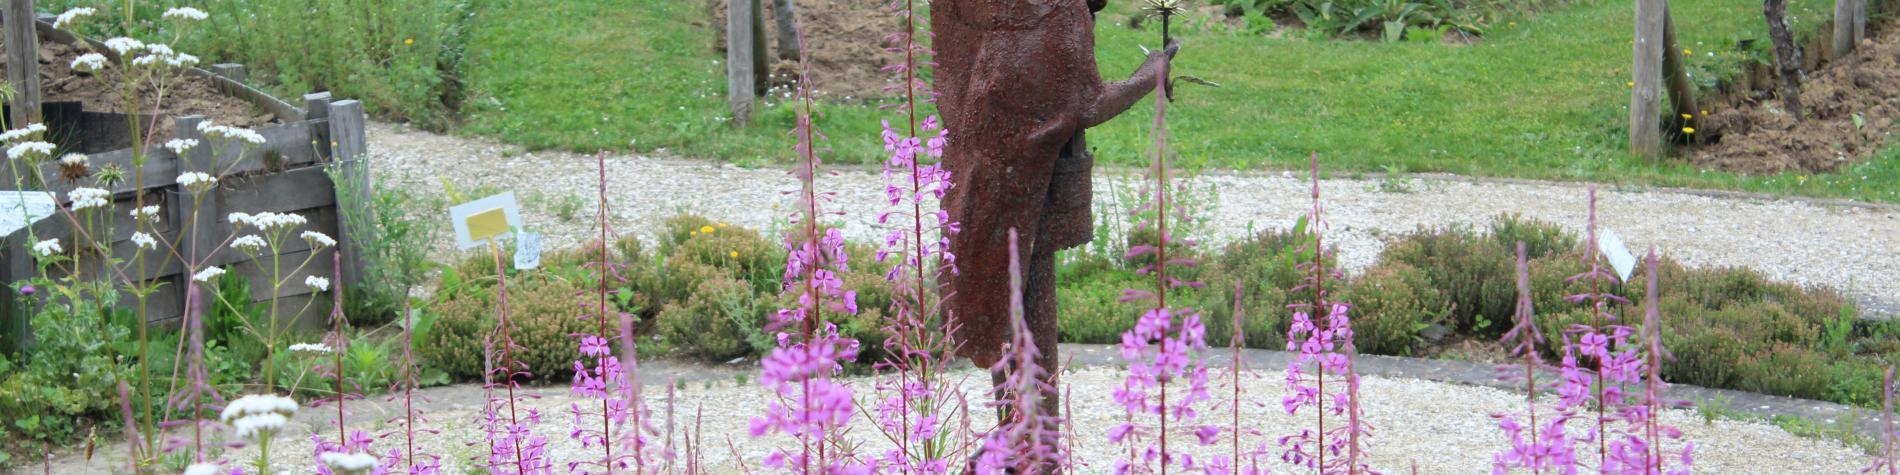 Maison des plantes médicinales - Flobecq - Vue du jardin et sentier d'art